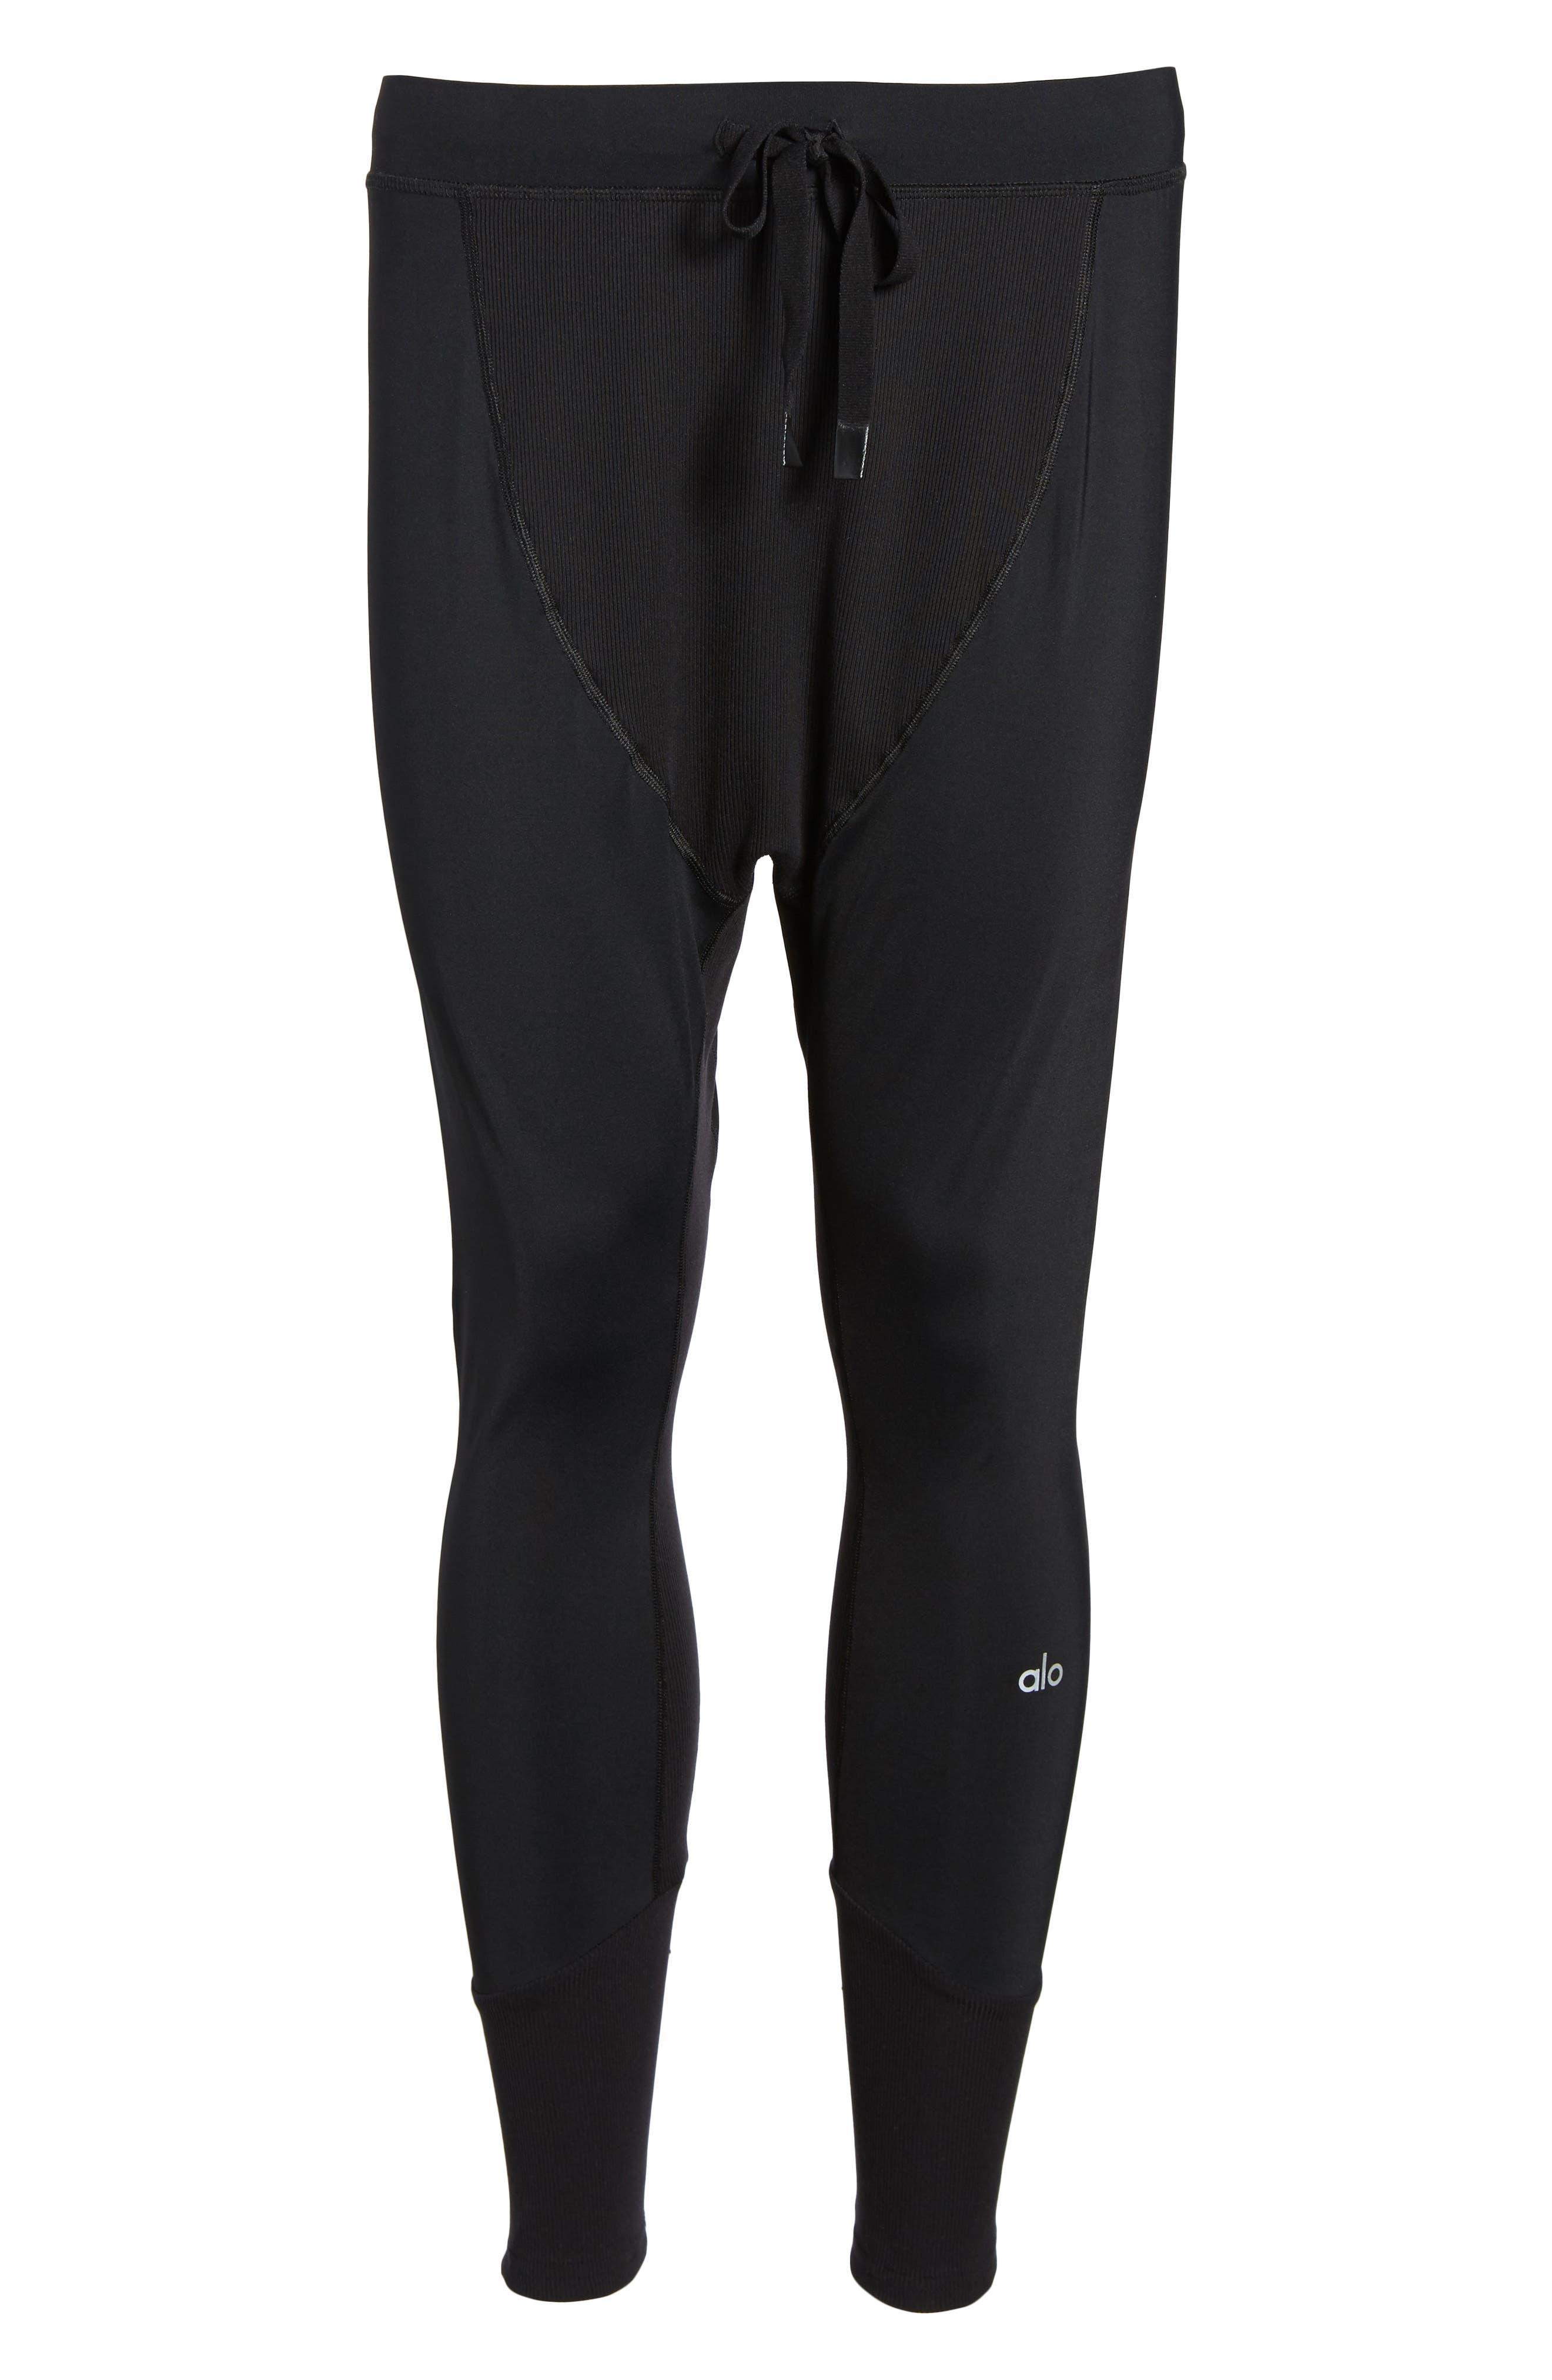 Rebel Jogger Pants,                             Alternate thumbnail 6, color,                             BLACK